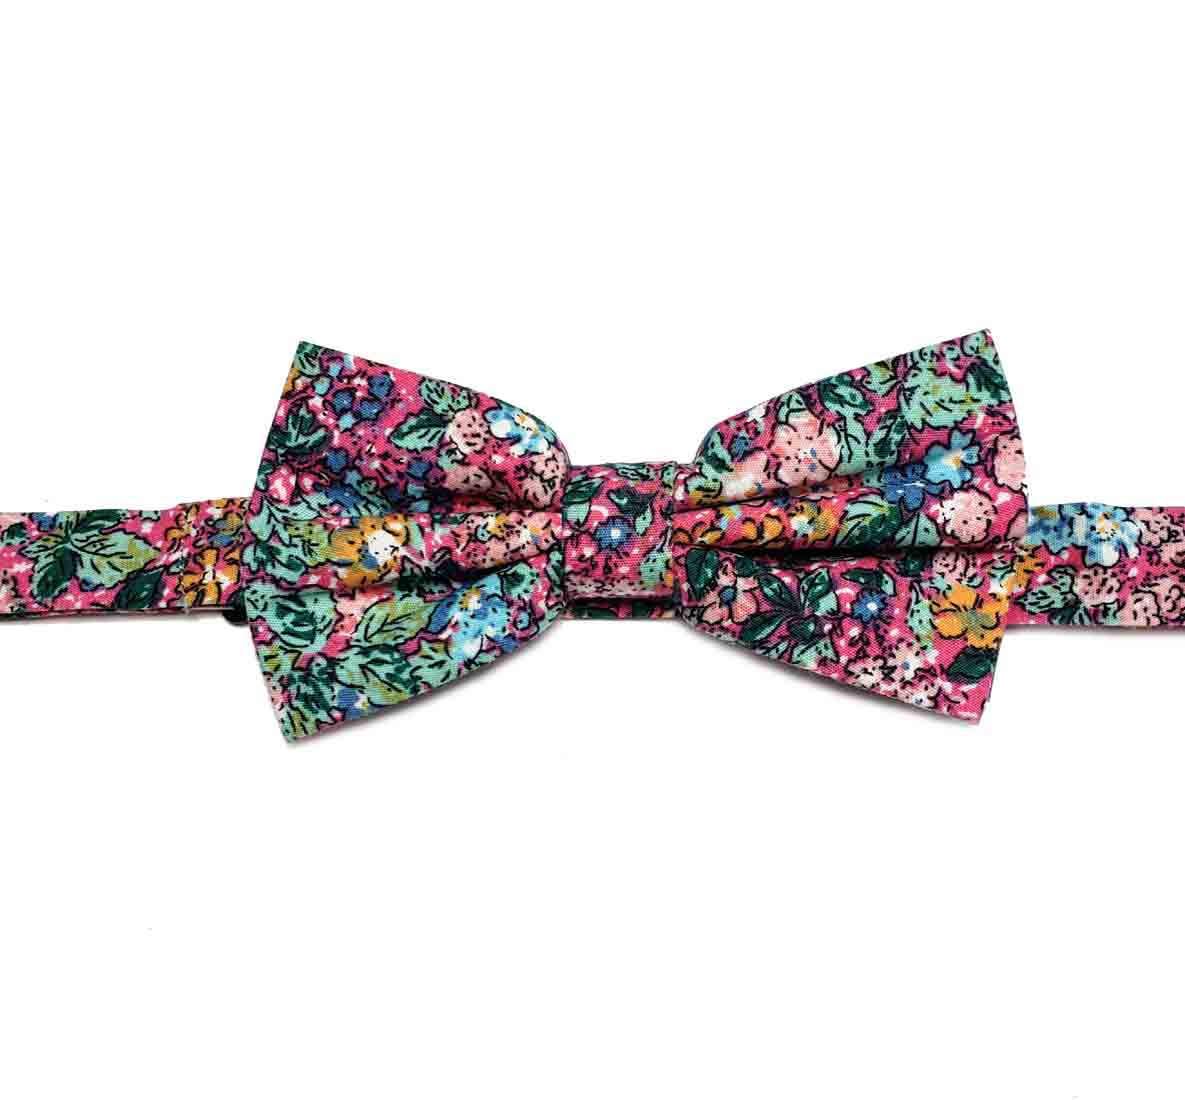 Gascoigne Bow Tie Floral Multicolor Cotton Men's OS